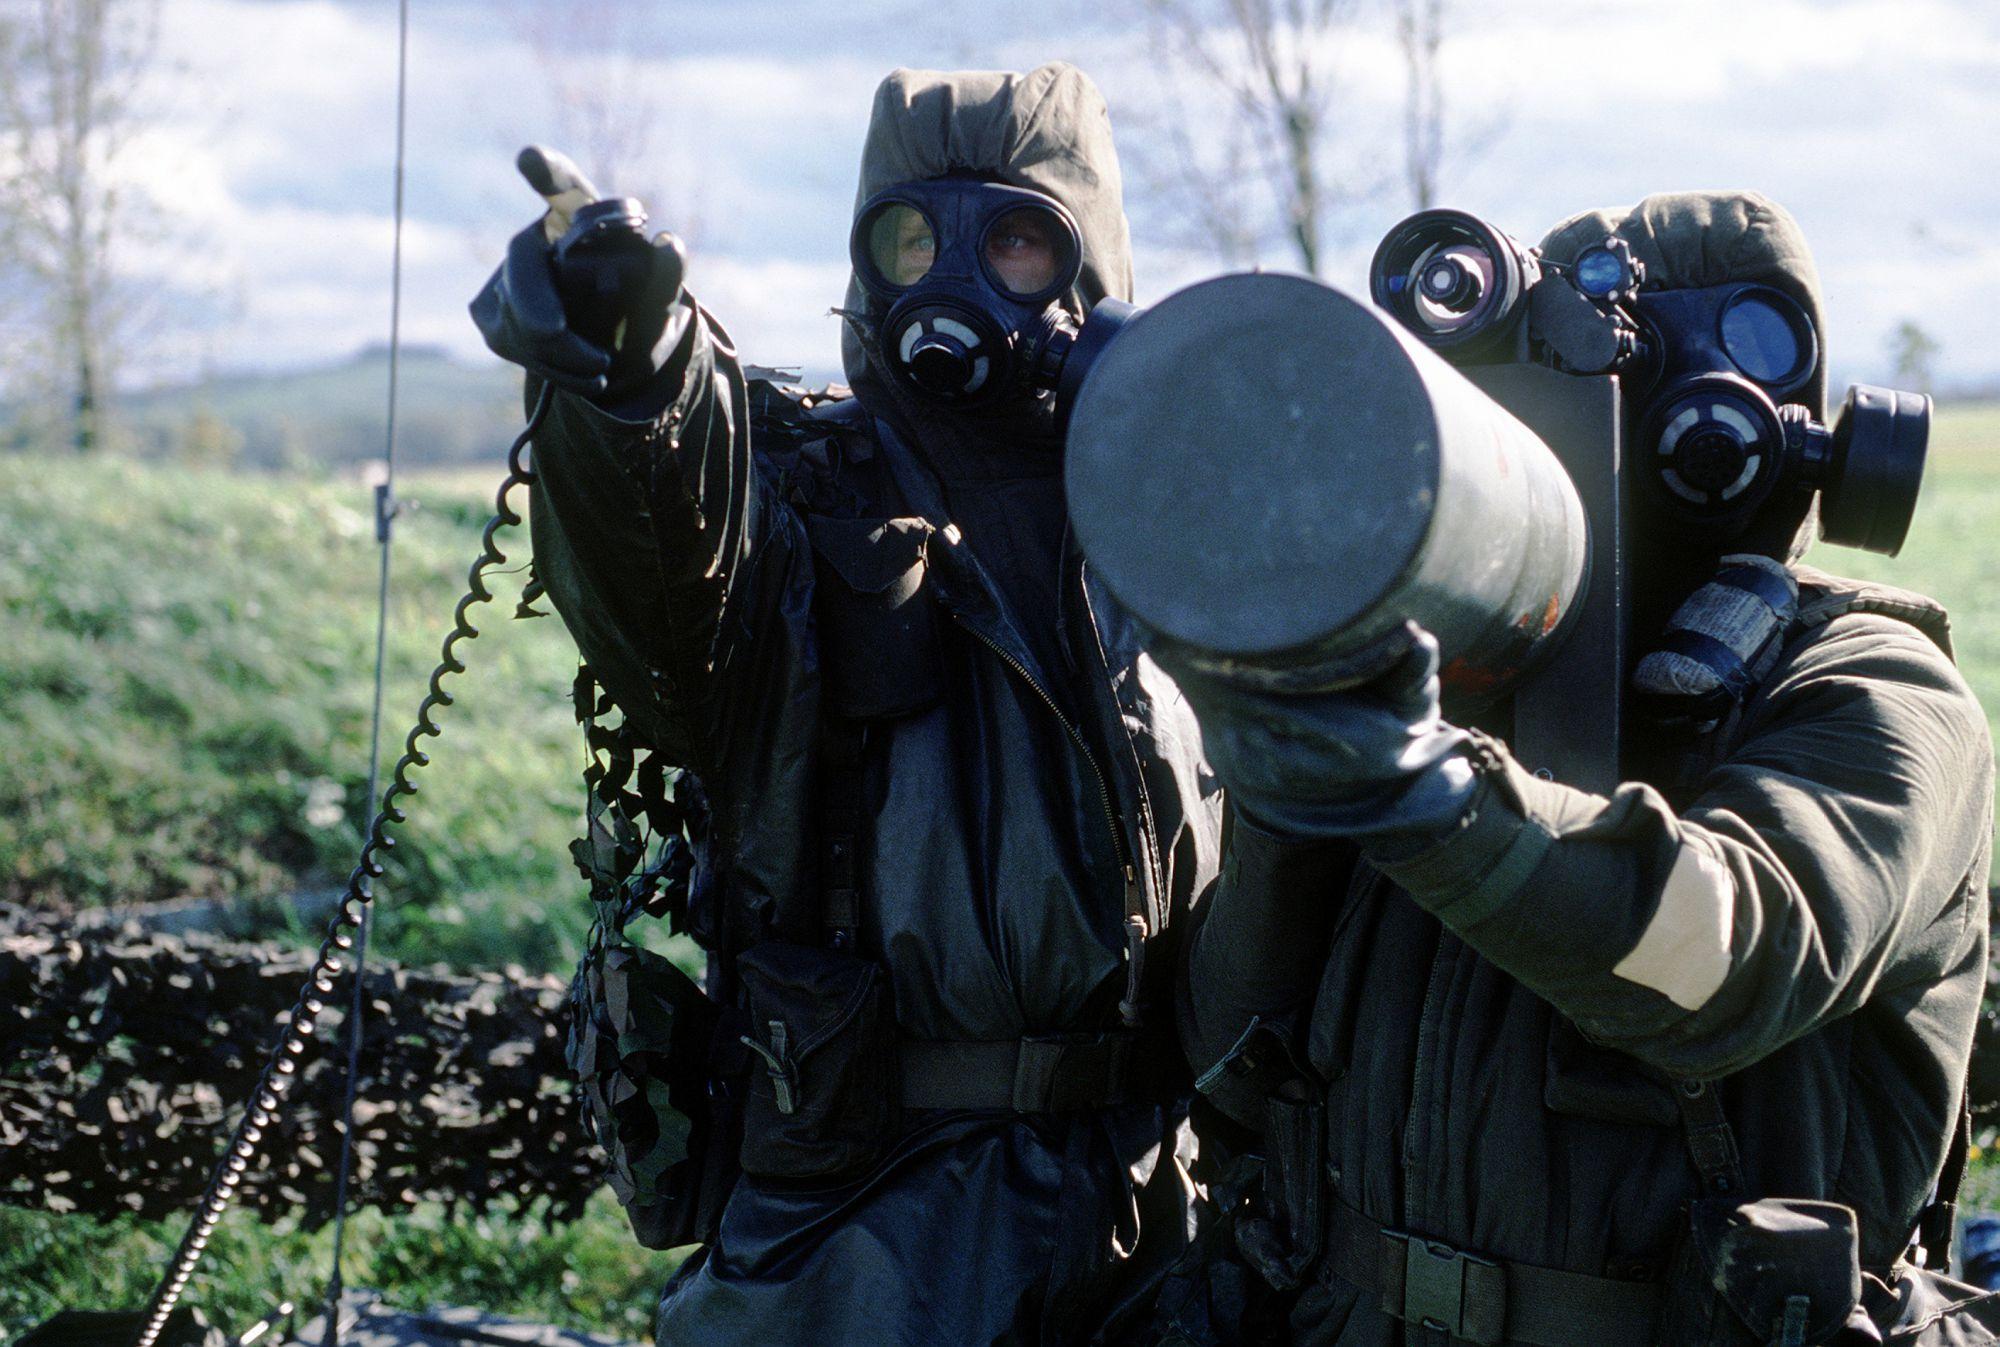 Люди в форме, масках и с оружием. Что происходит на Запорожской АЭС